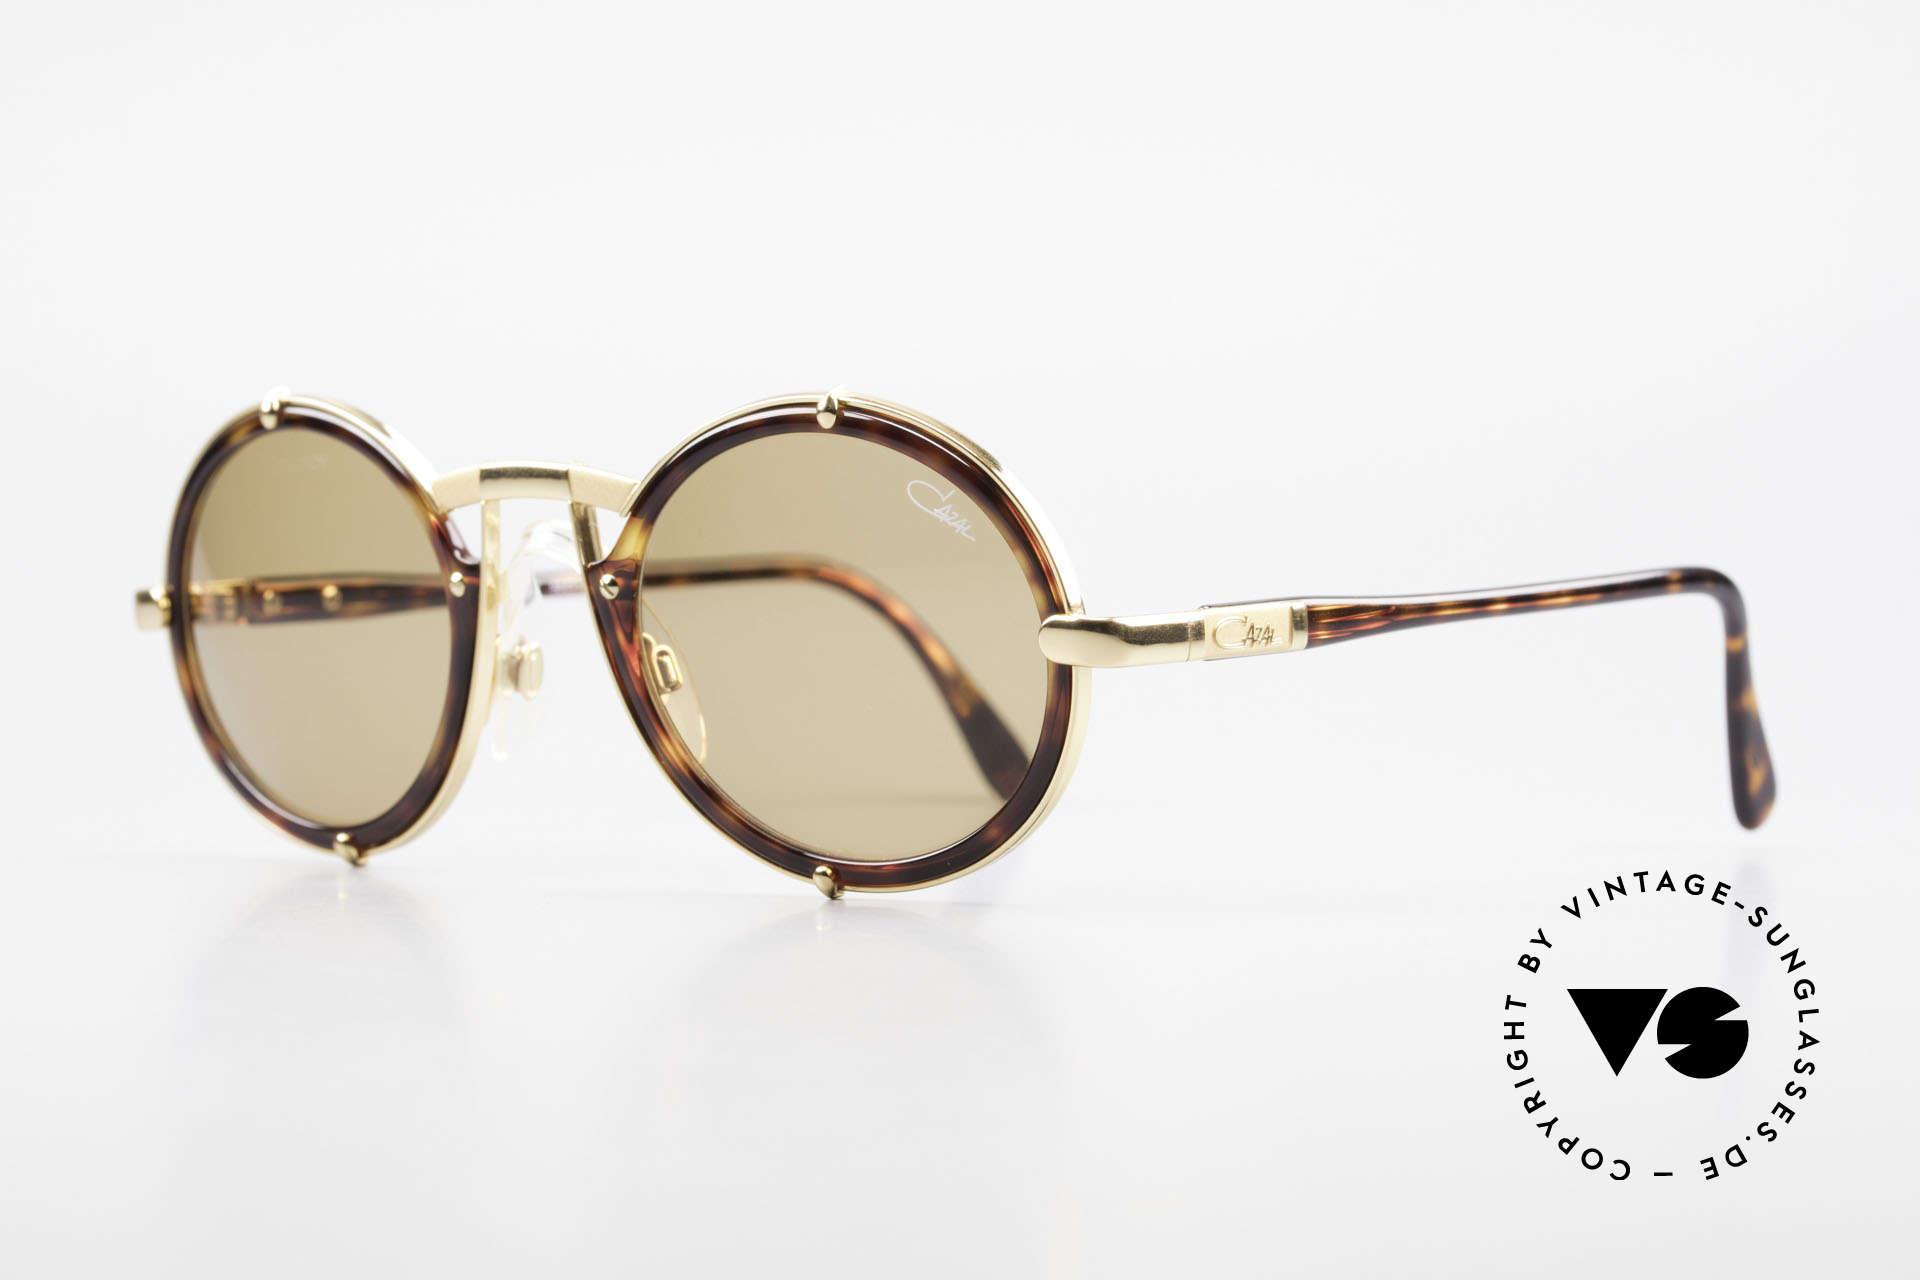 Cazal 644 Round Cazal 90's Sunglasses, NO retro sunglasses, but original from 1990/91, Made for Men and Women